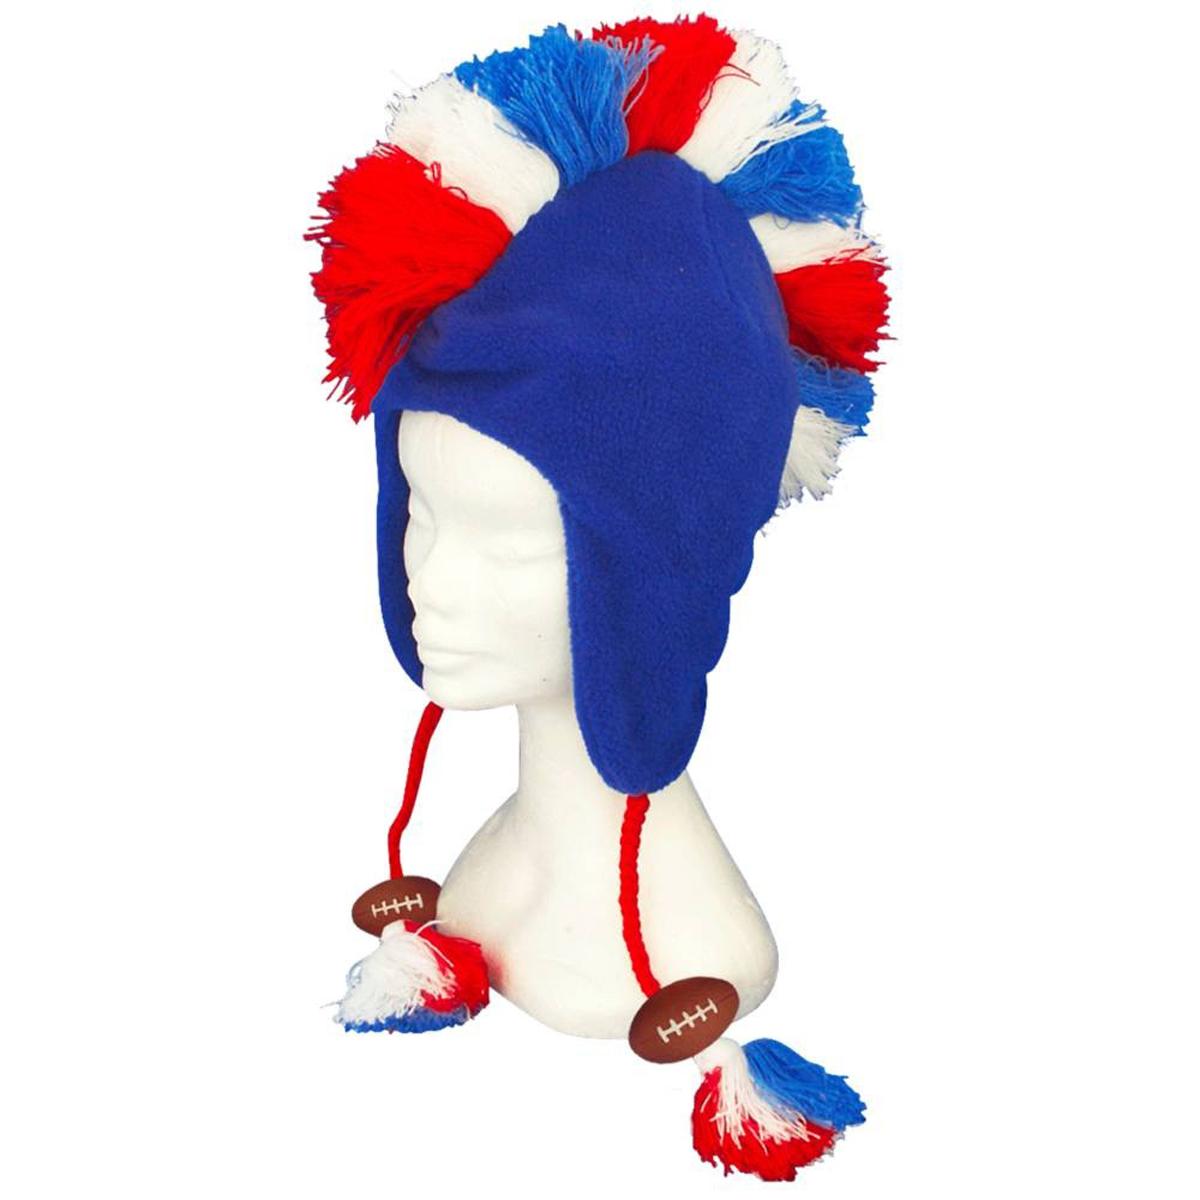 Bonnet humoristique \'France Cocorico\' tricolore (rugby, crète) - 30x25 cm - [Q3239]